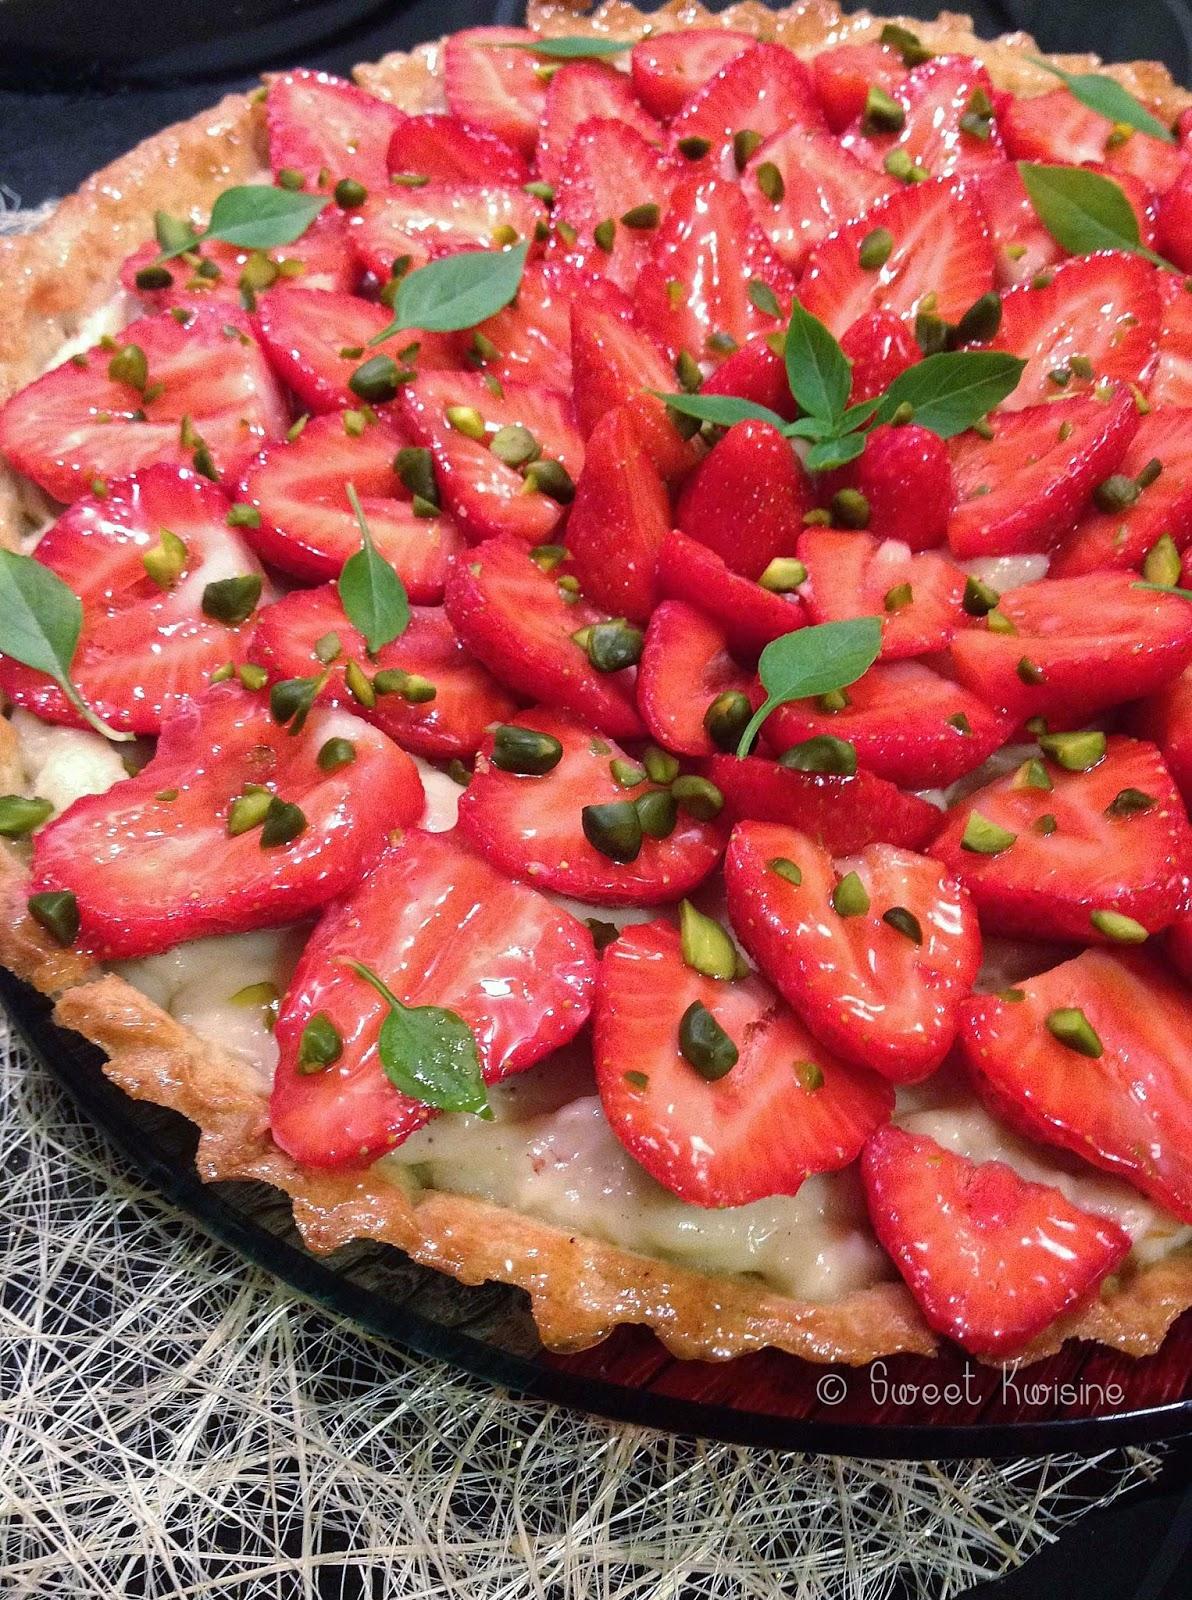 Sweet Kwisine, tarte, fraises, pistache,crème pâtissière, vanille, printemps, pâte sablée, amandes, pierre Hermé, strawberry, curd